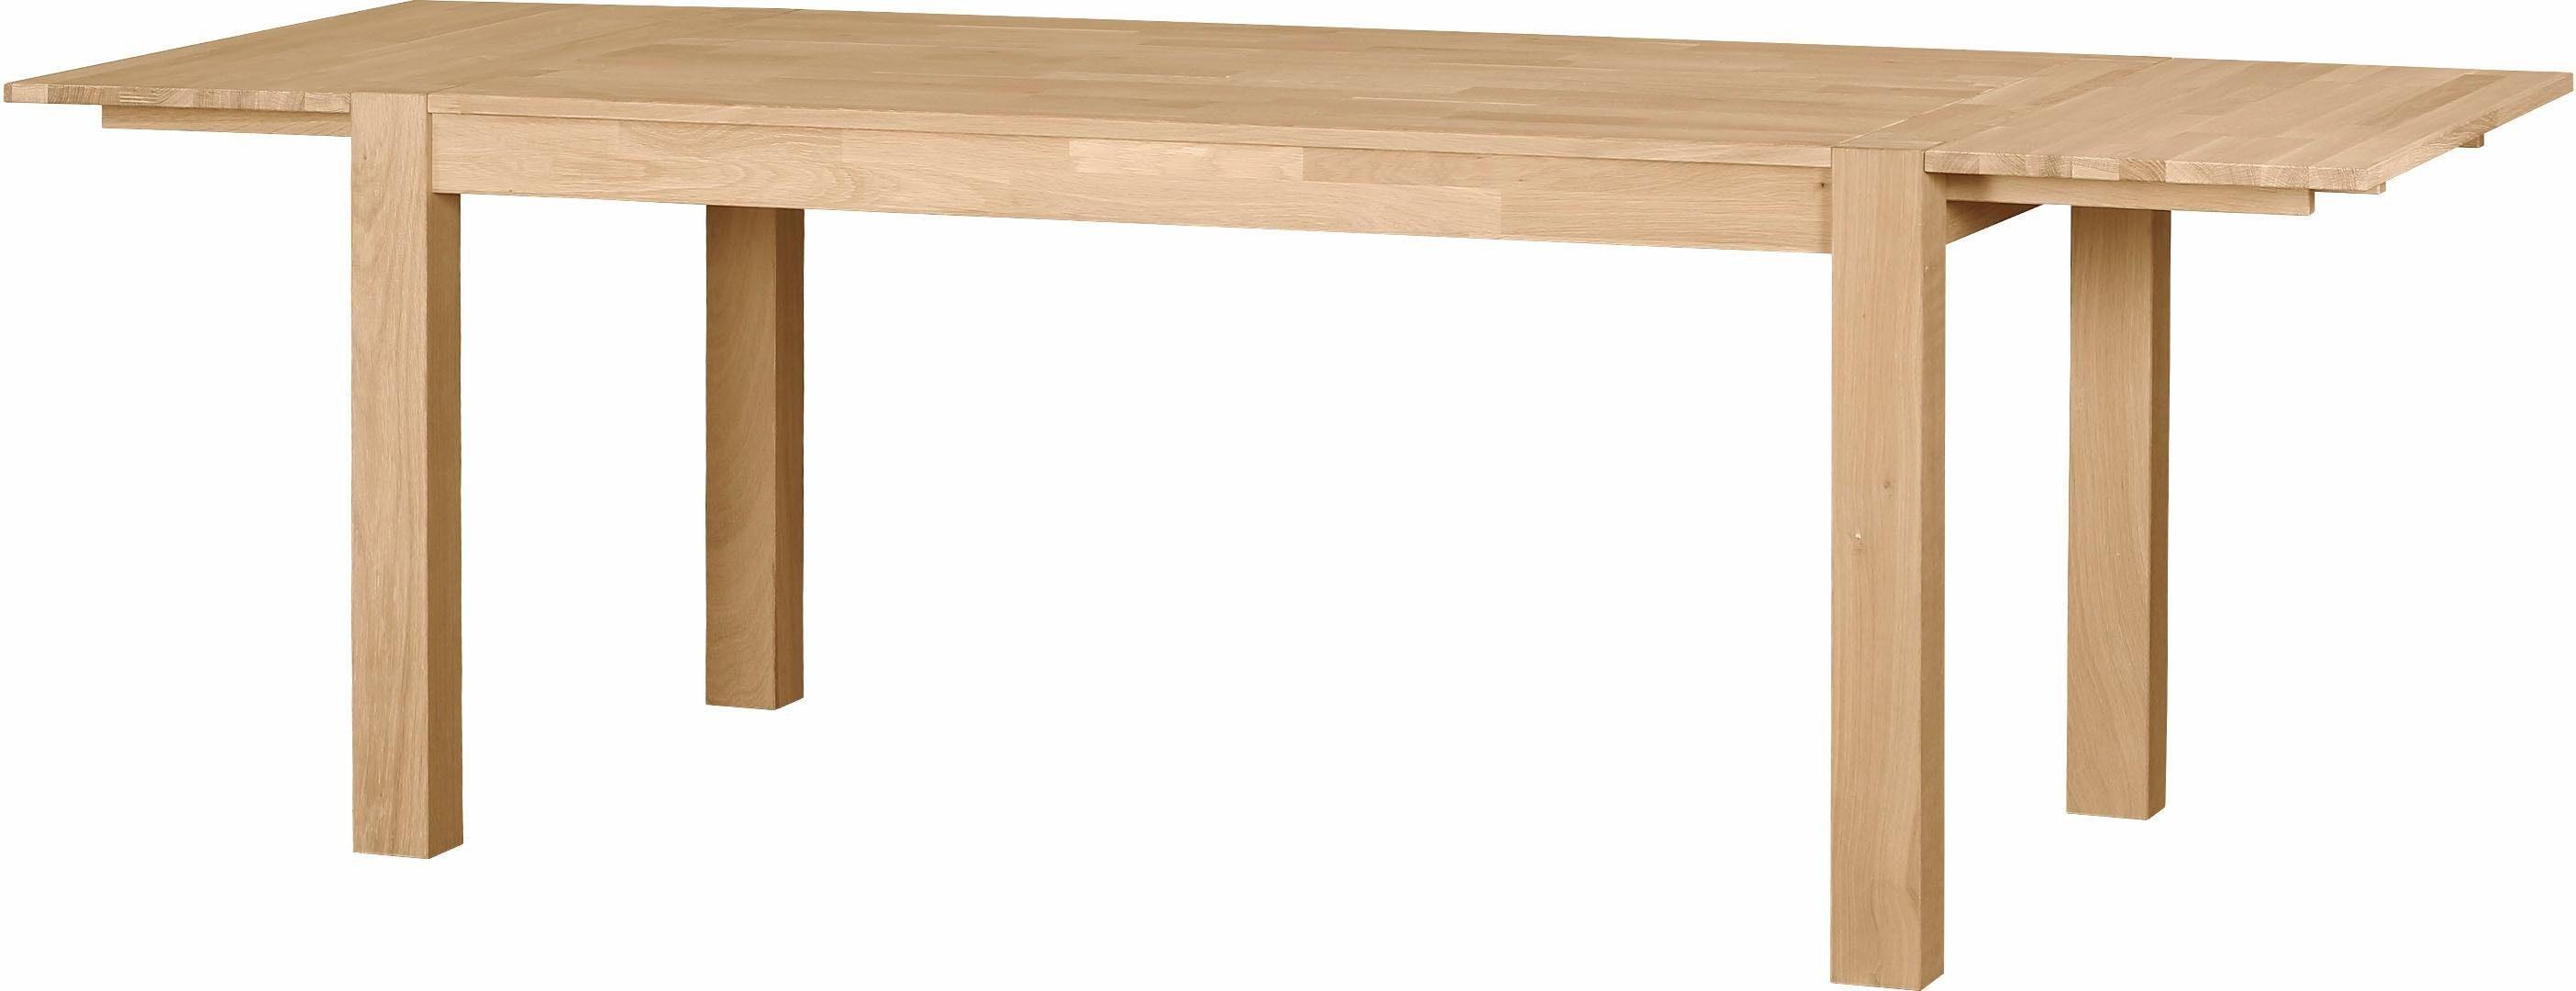 Ansteckplatte, Breite 40 cm